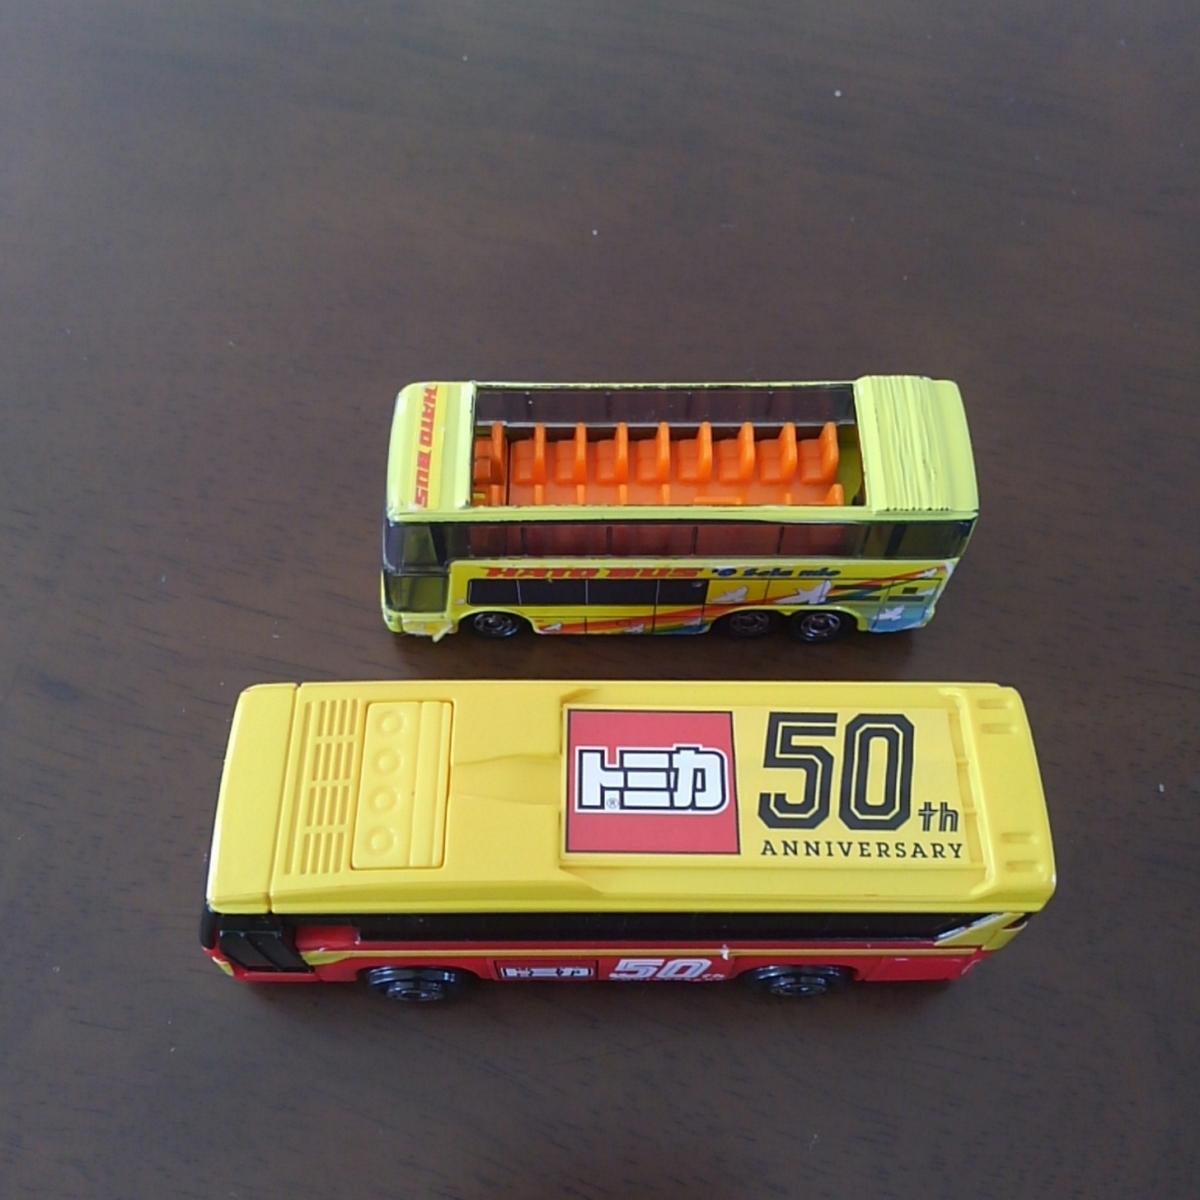 ハッピーセットトミカ 50周年ラッピングバス